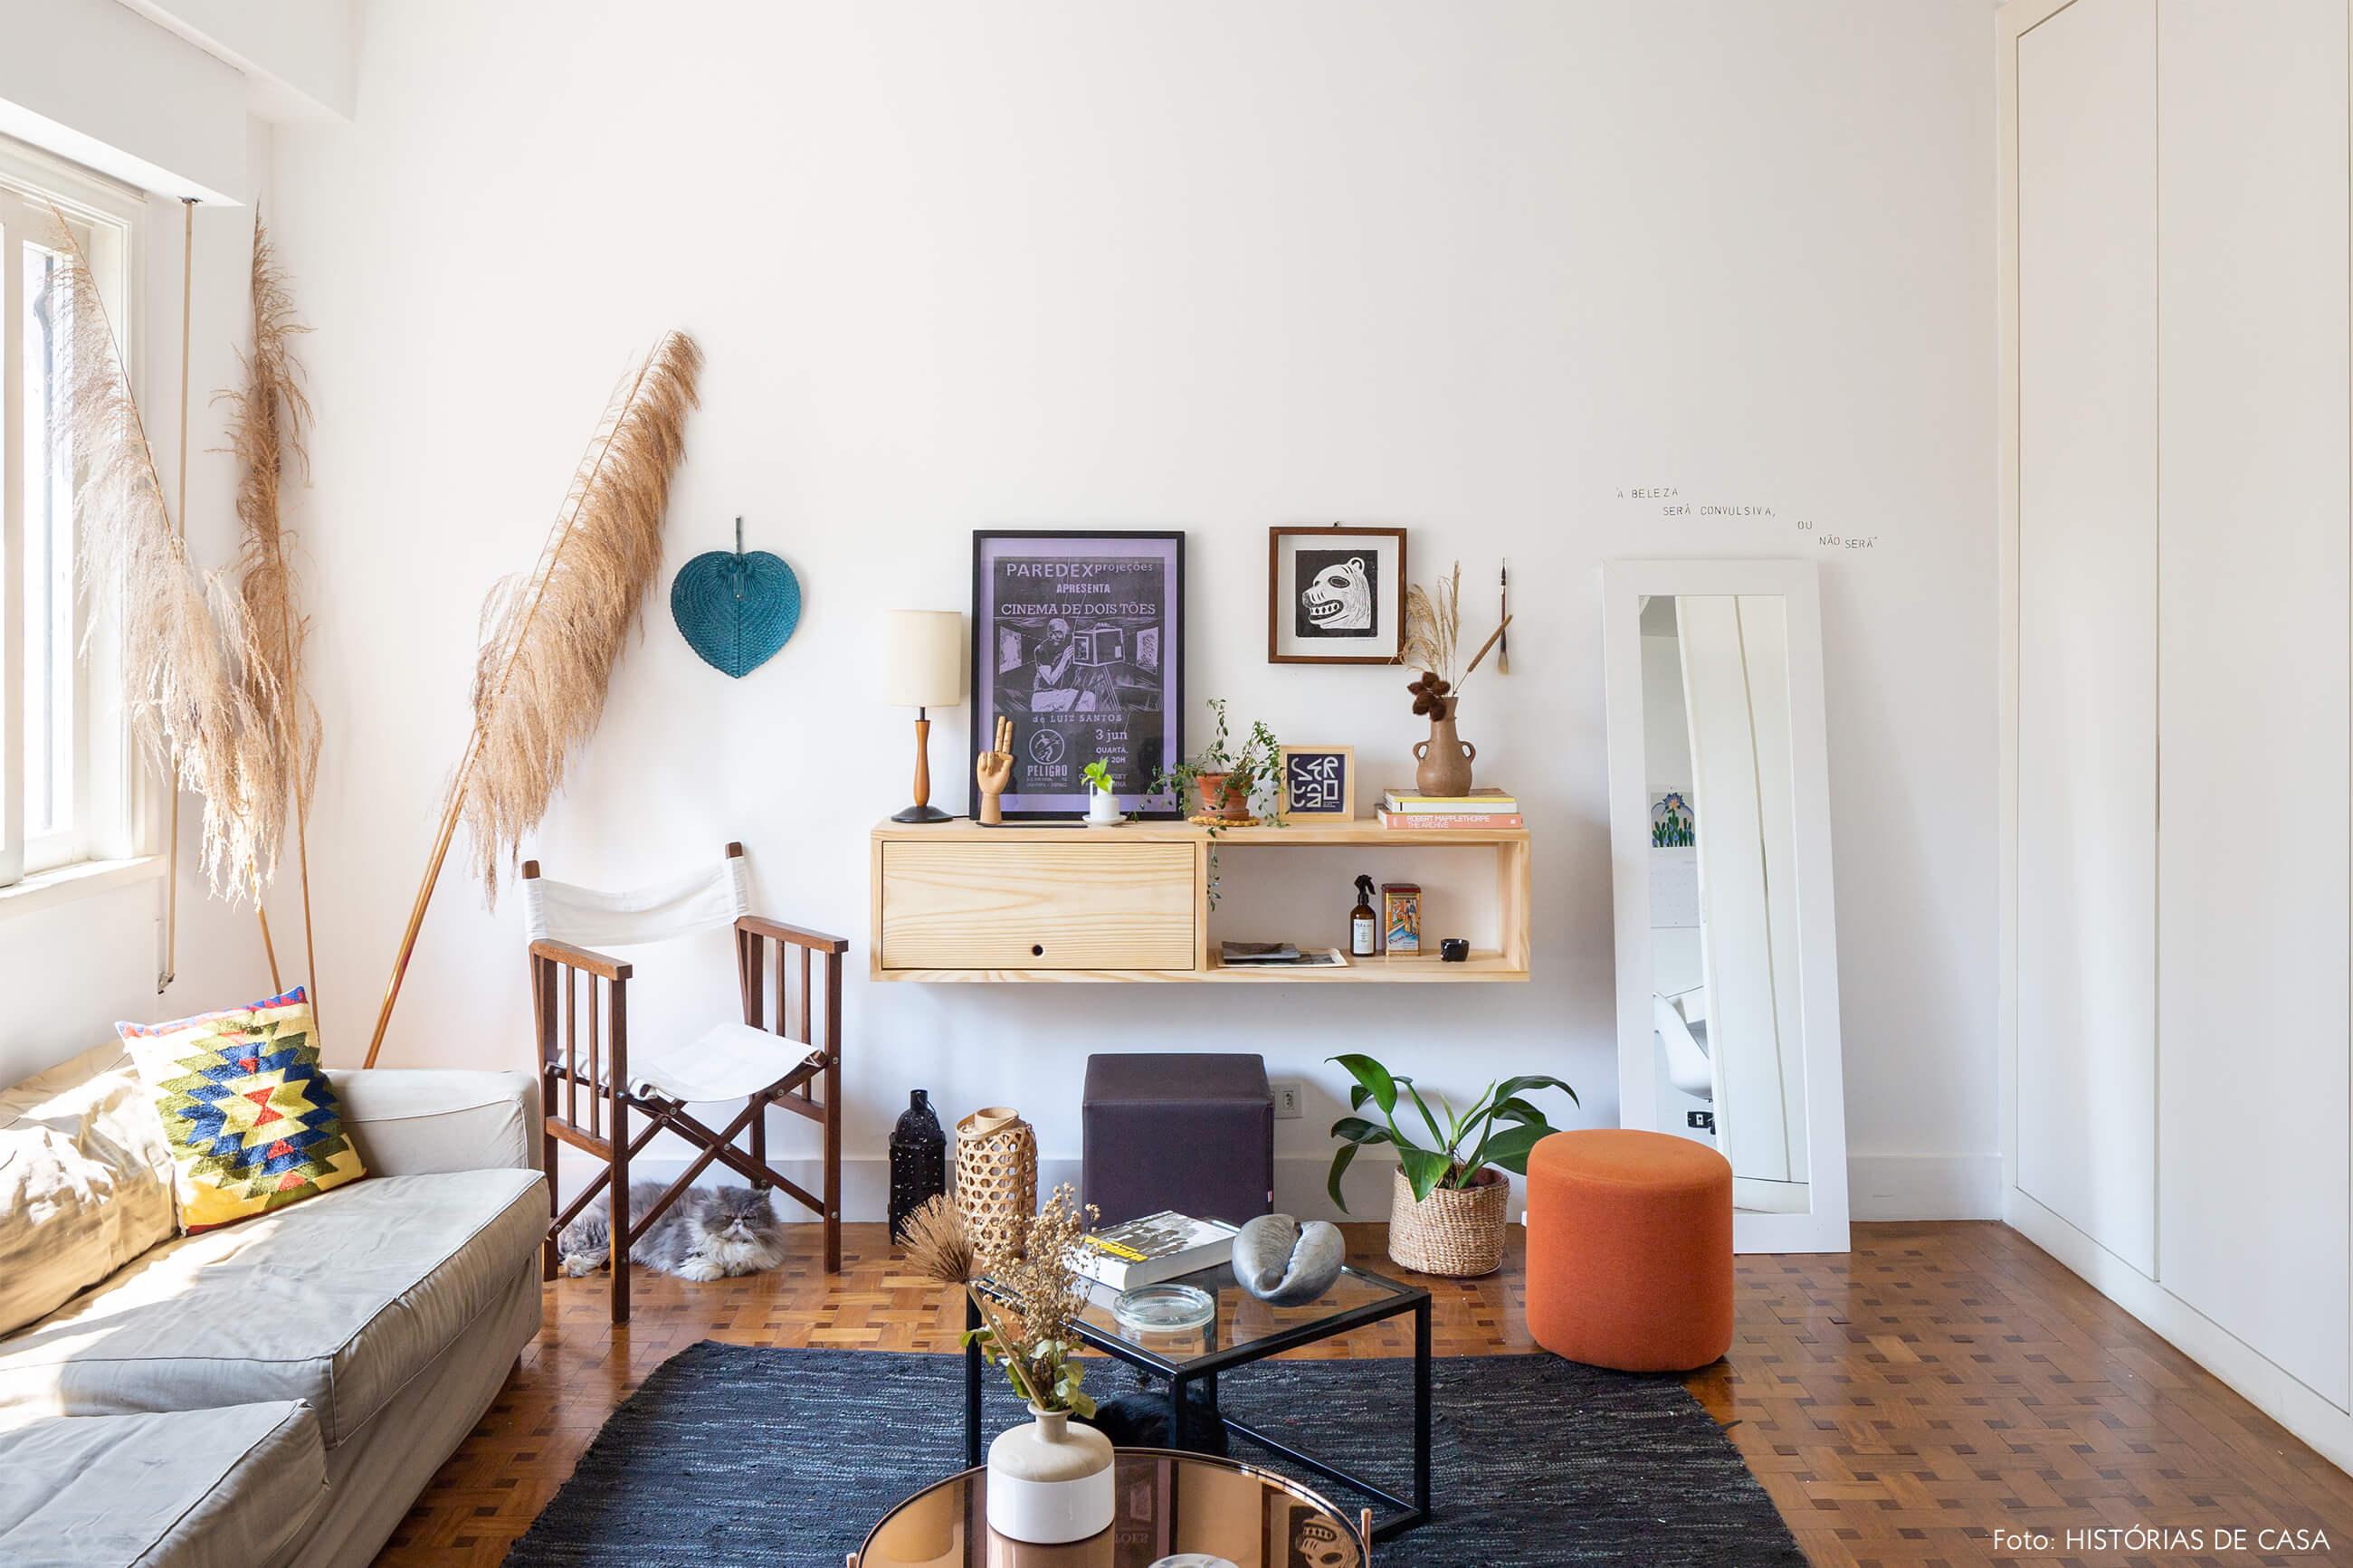 decoração-sah-e-ara-9967-sala-com-piso-e-estante-de-madeira